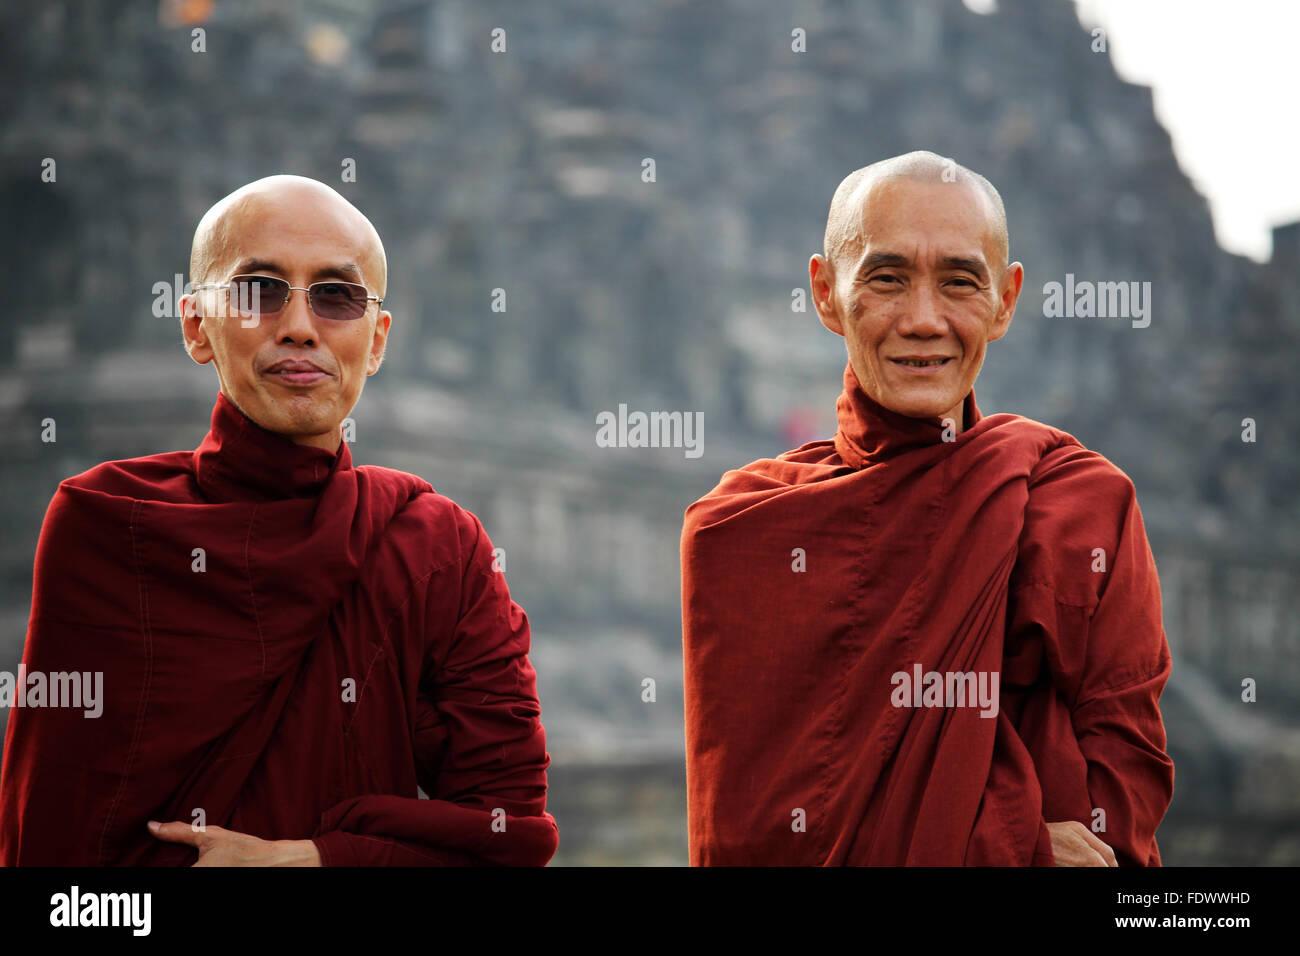 Portrait de deux moines bouddhistes devant un temple bouddhiste de Borobudur dans le centre de Java, Indonésie Photo Stock